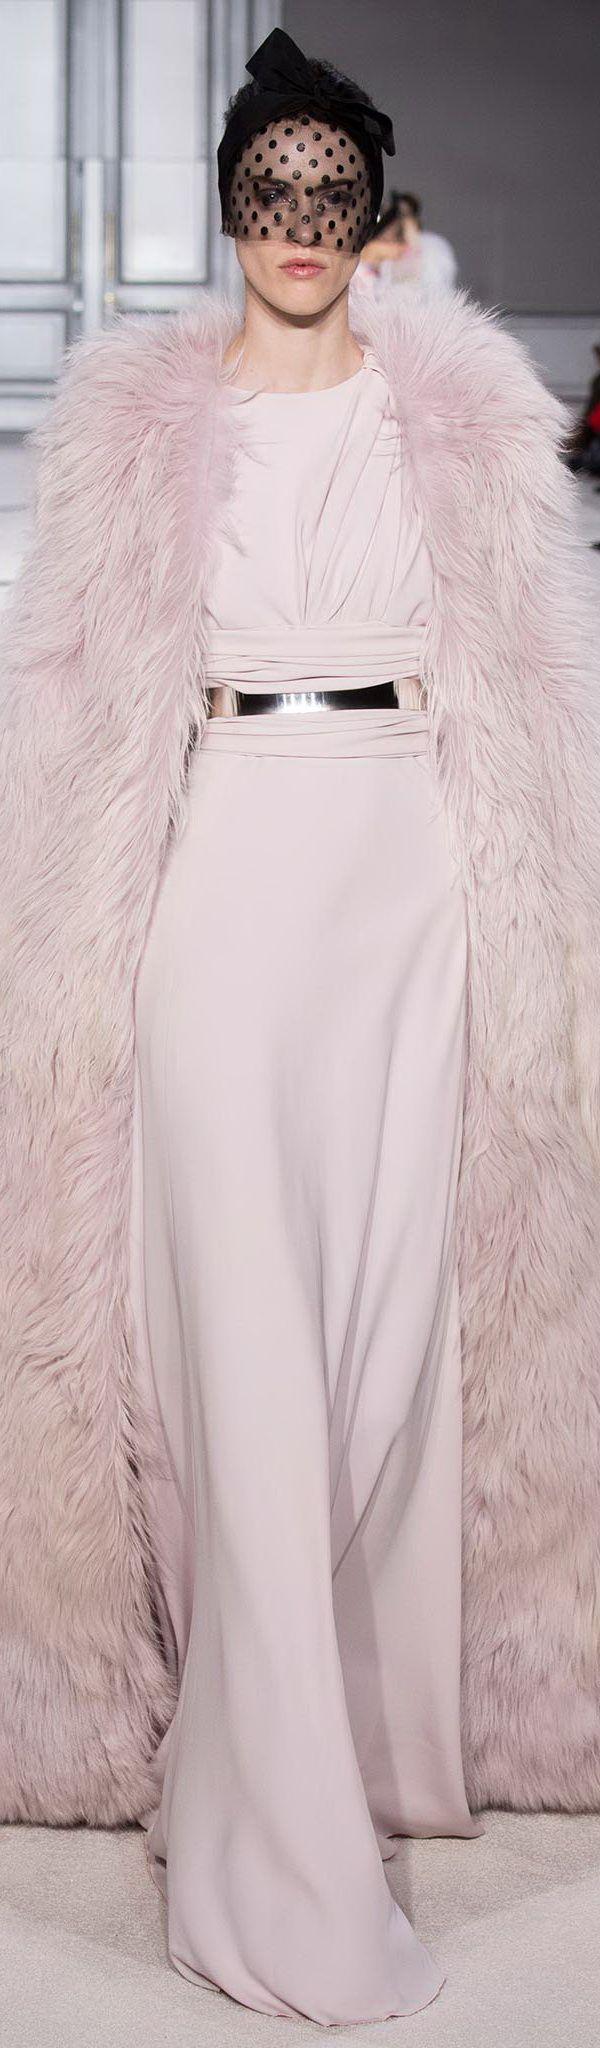 Spring 2015 Couture Giambattista Valli